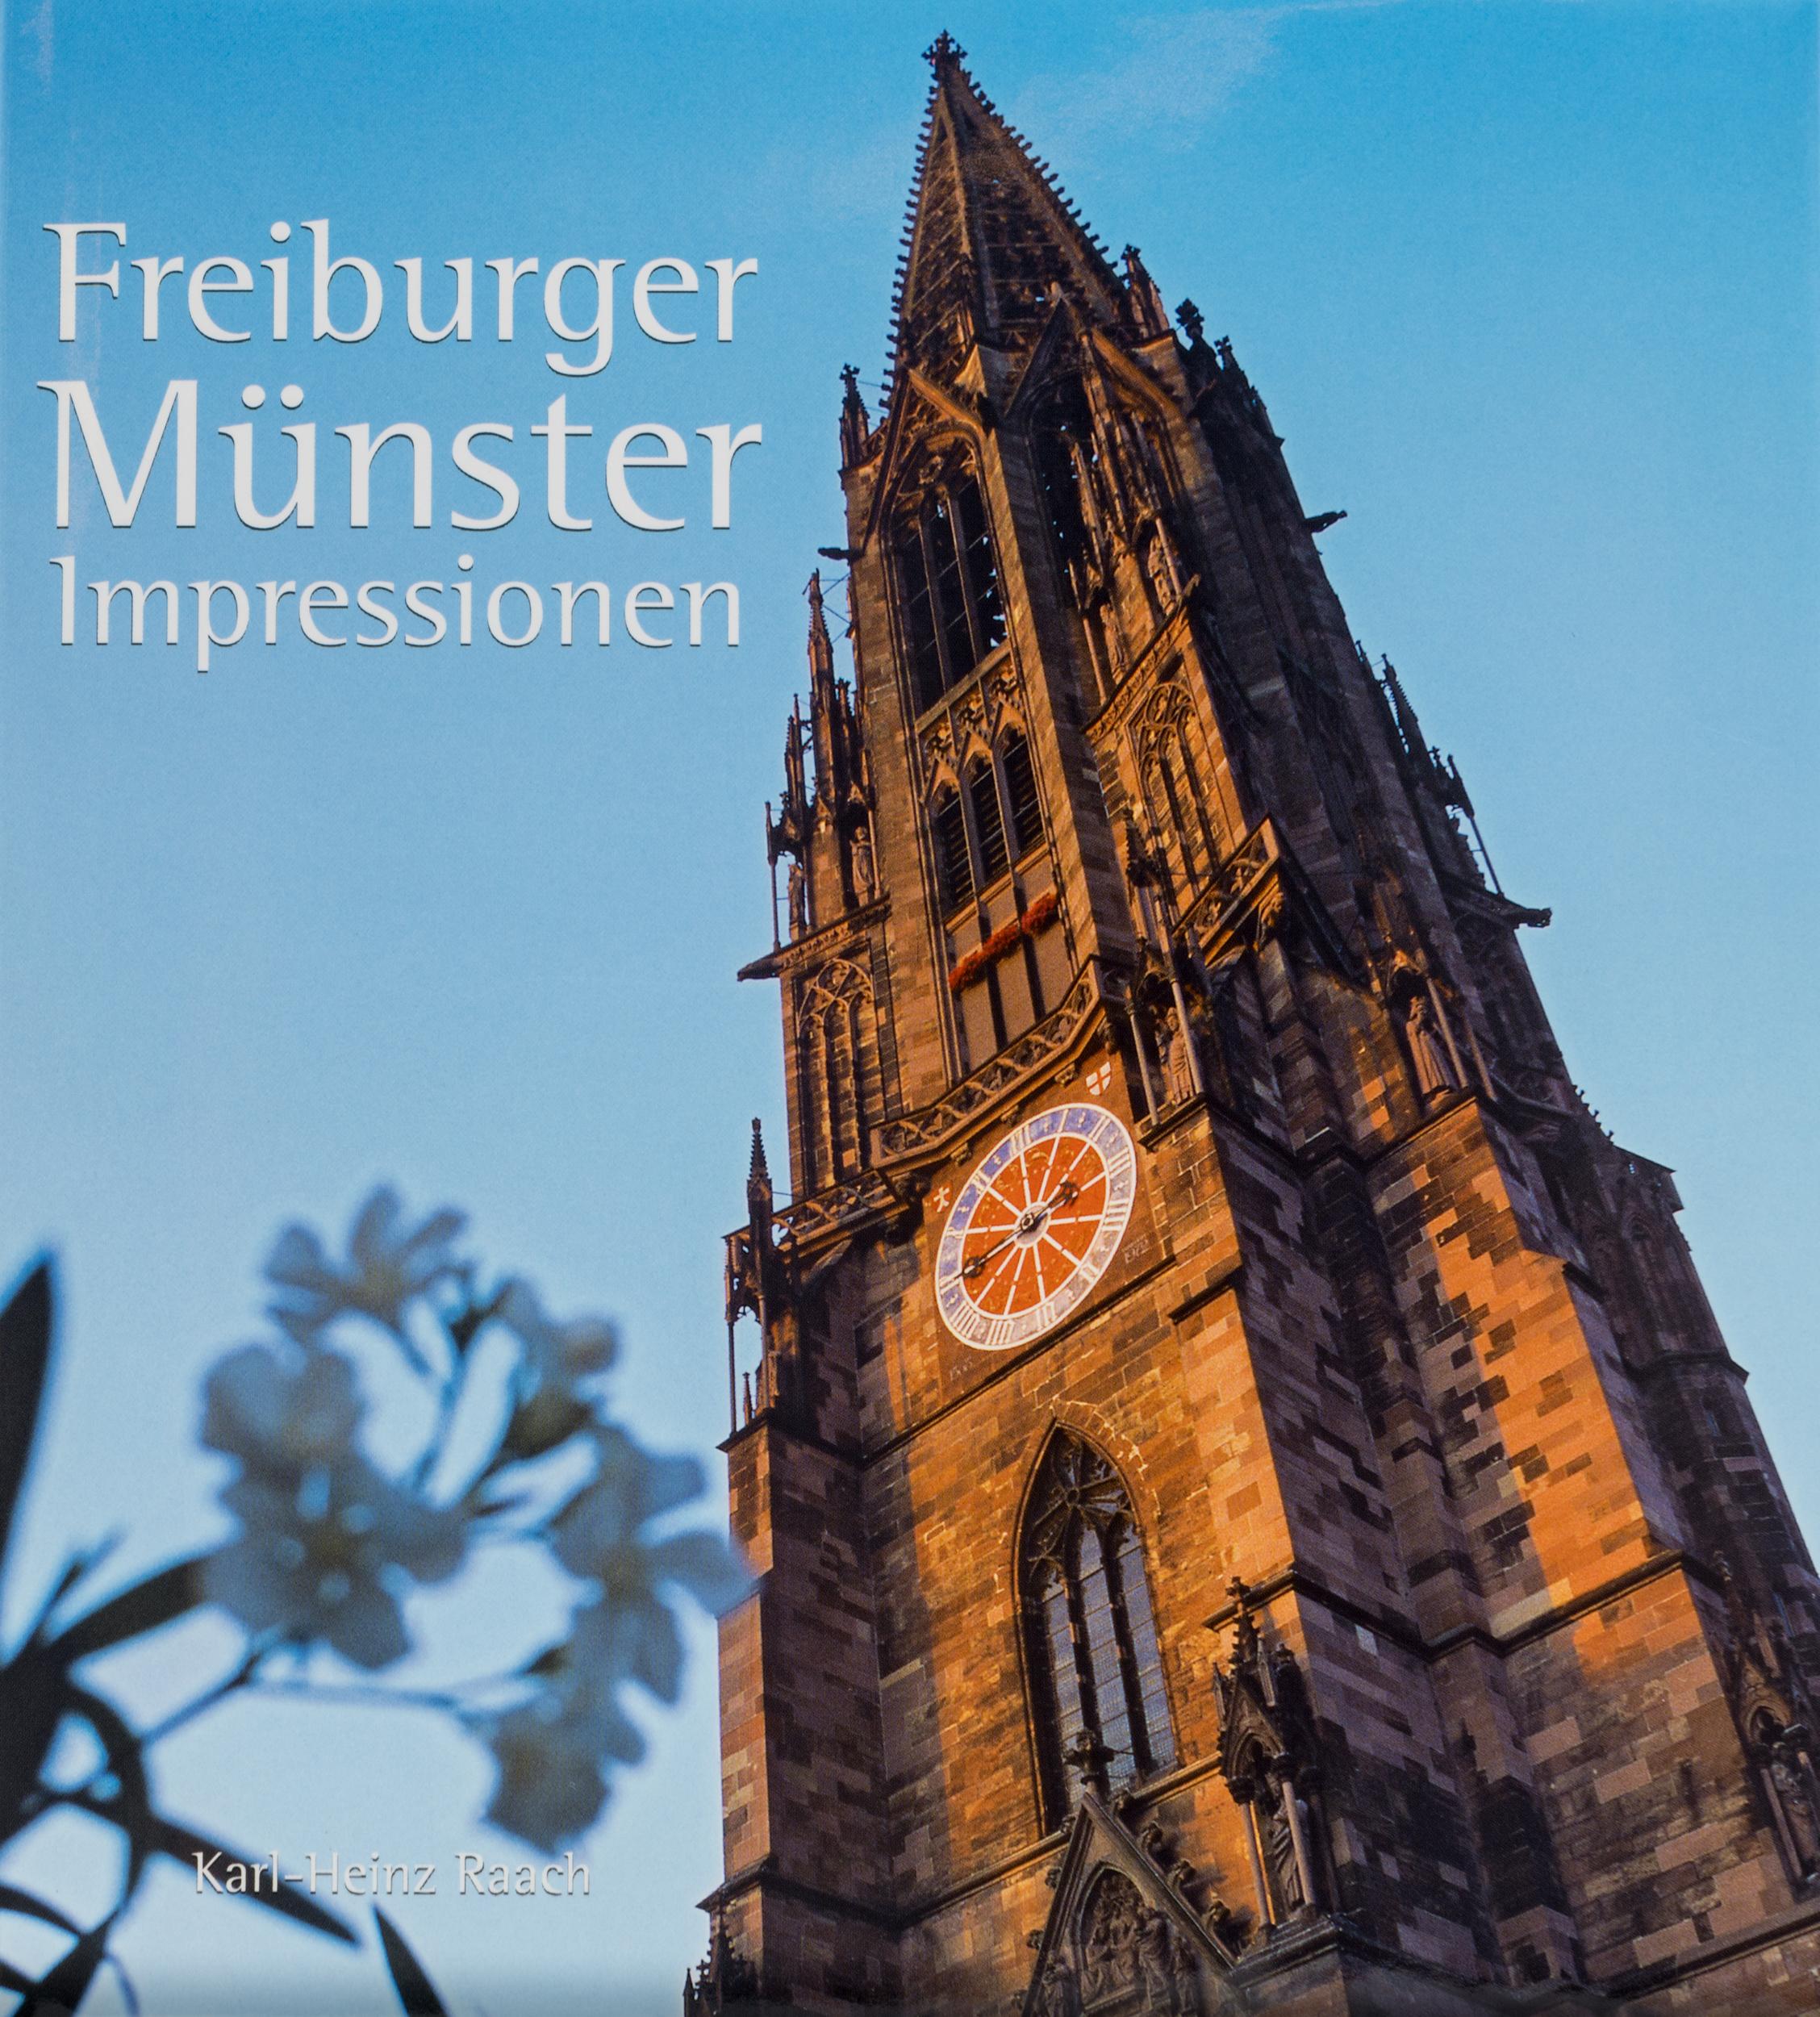 Münsterladen Freiburg Buch Geschenk Impressionen